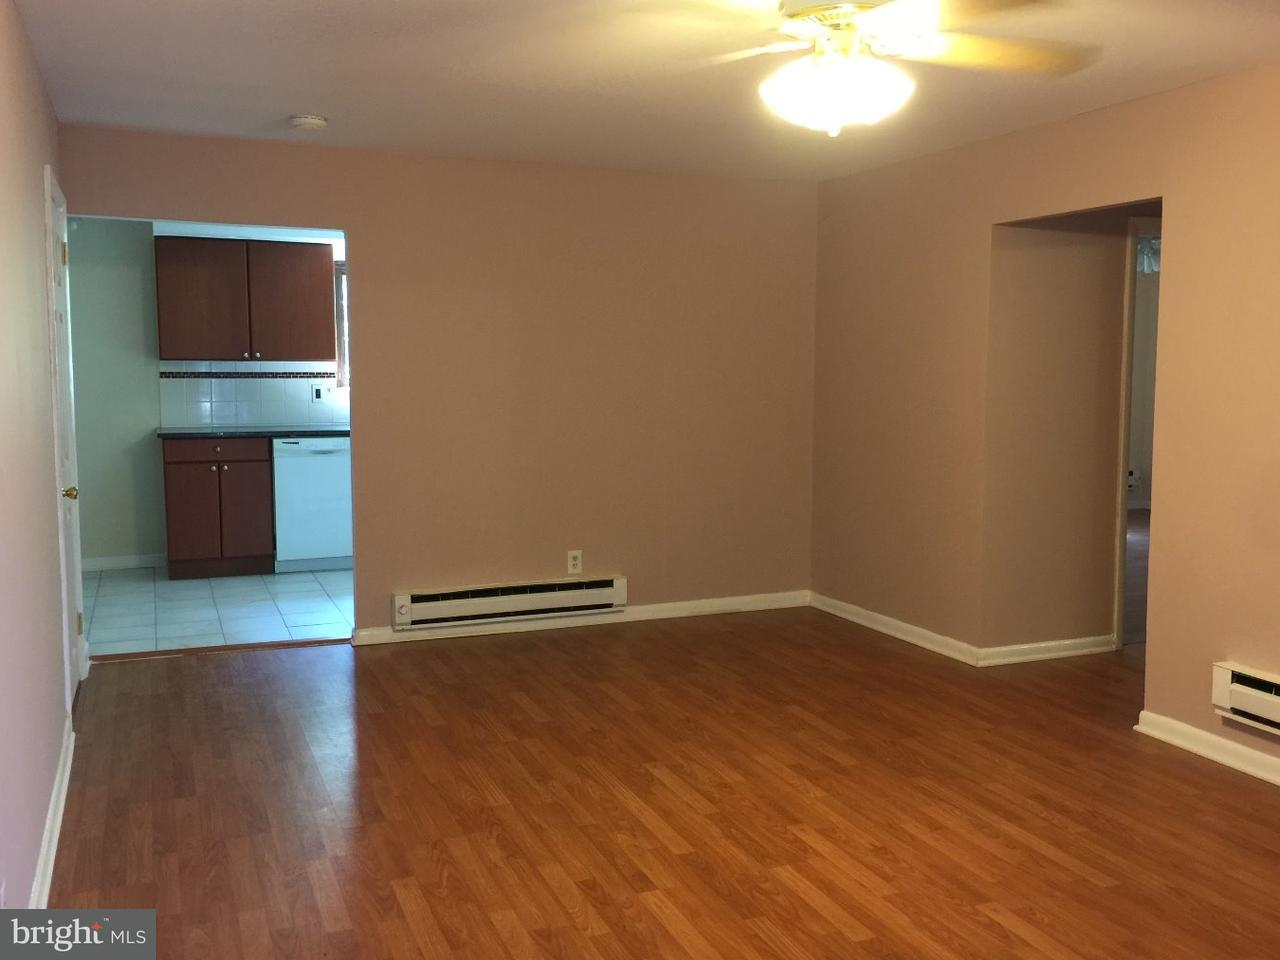 Condominium for Rent at 118,118-122 E MORELAND AVE #21 Hatboro, Pennsylvania 19040 United States